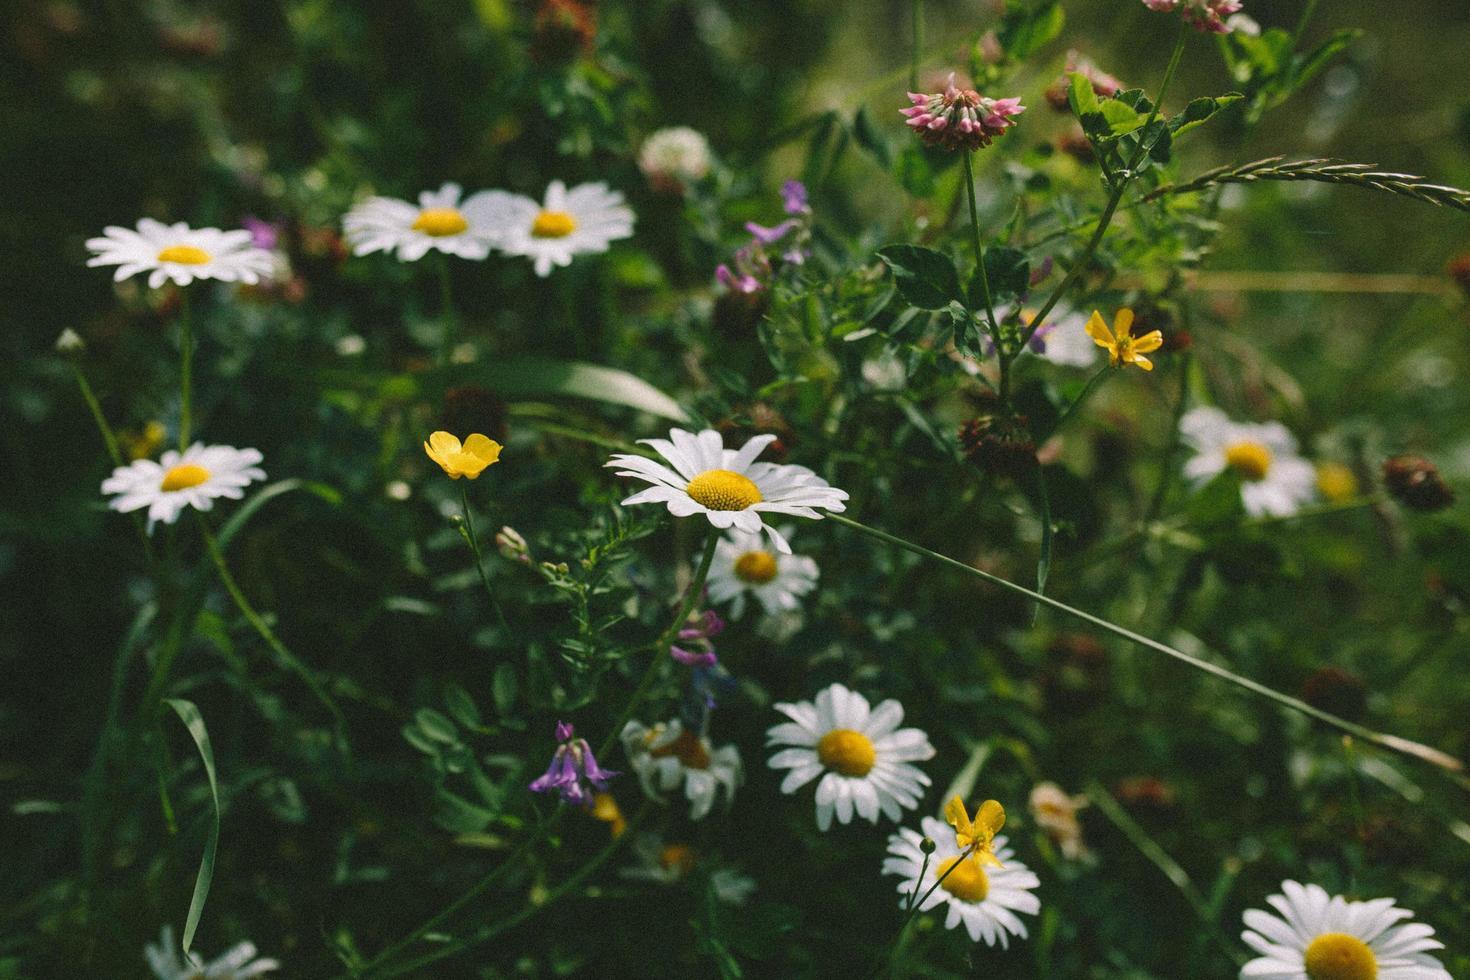 flores brancas e amarelas em lente tilt shift foto